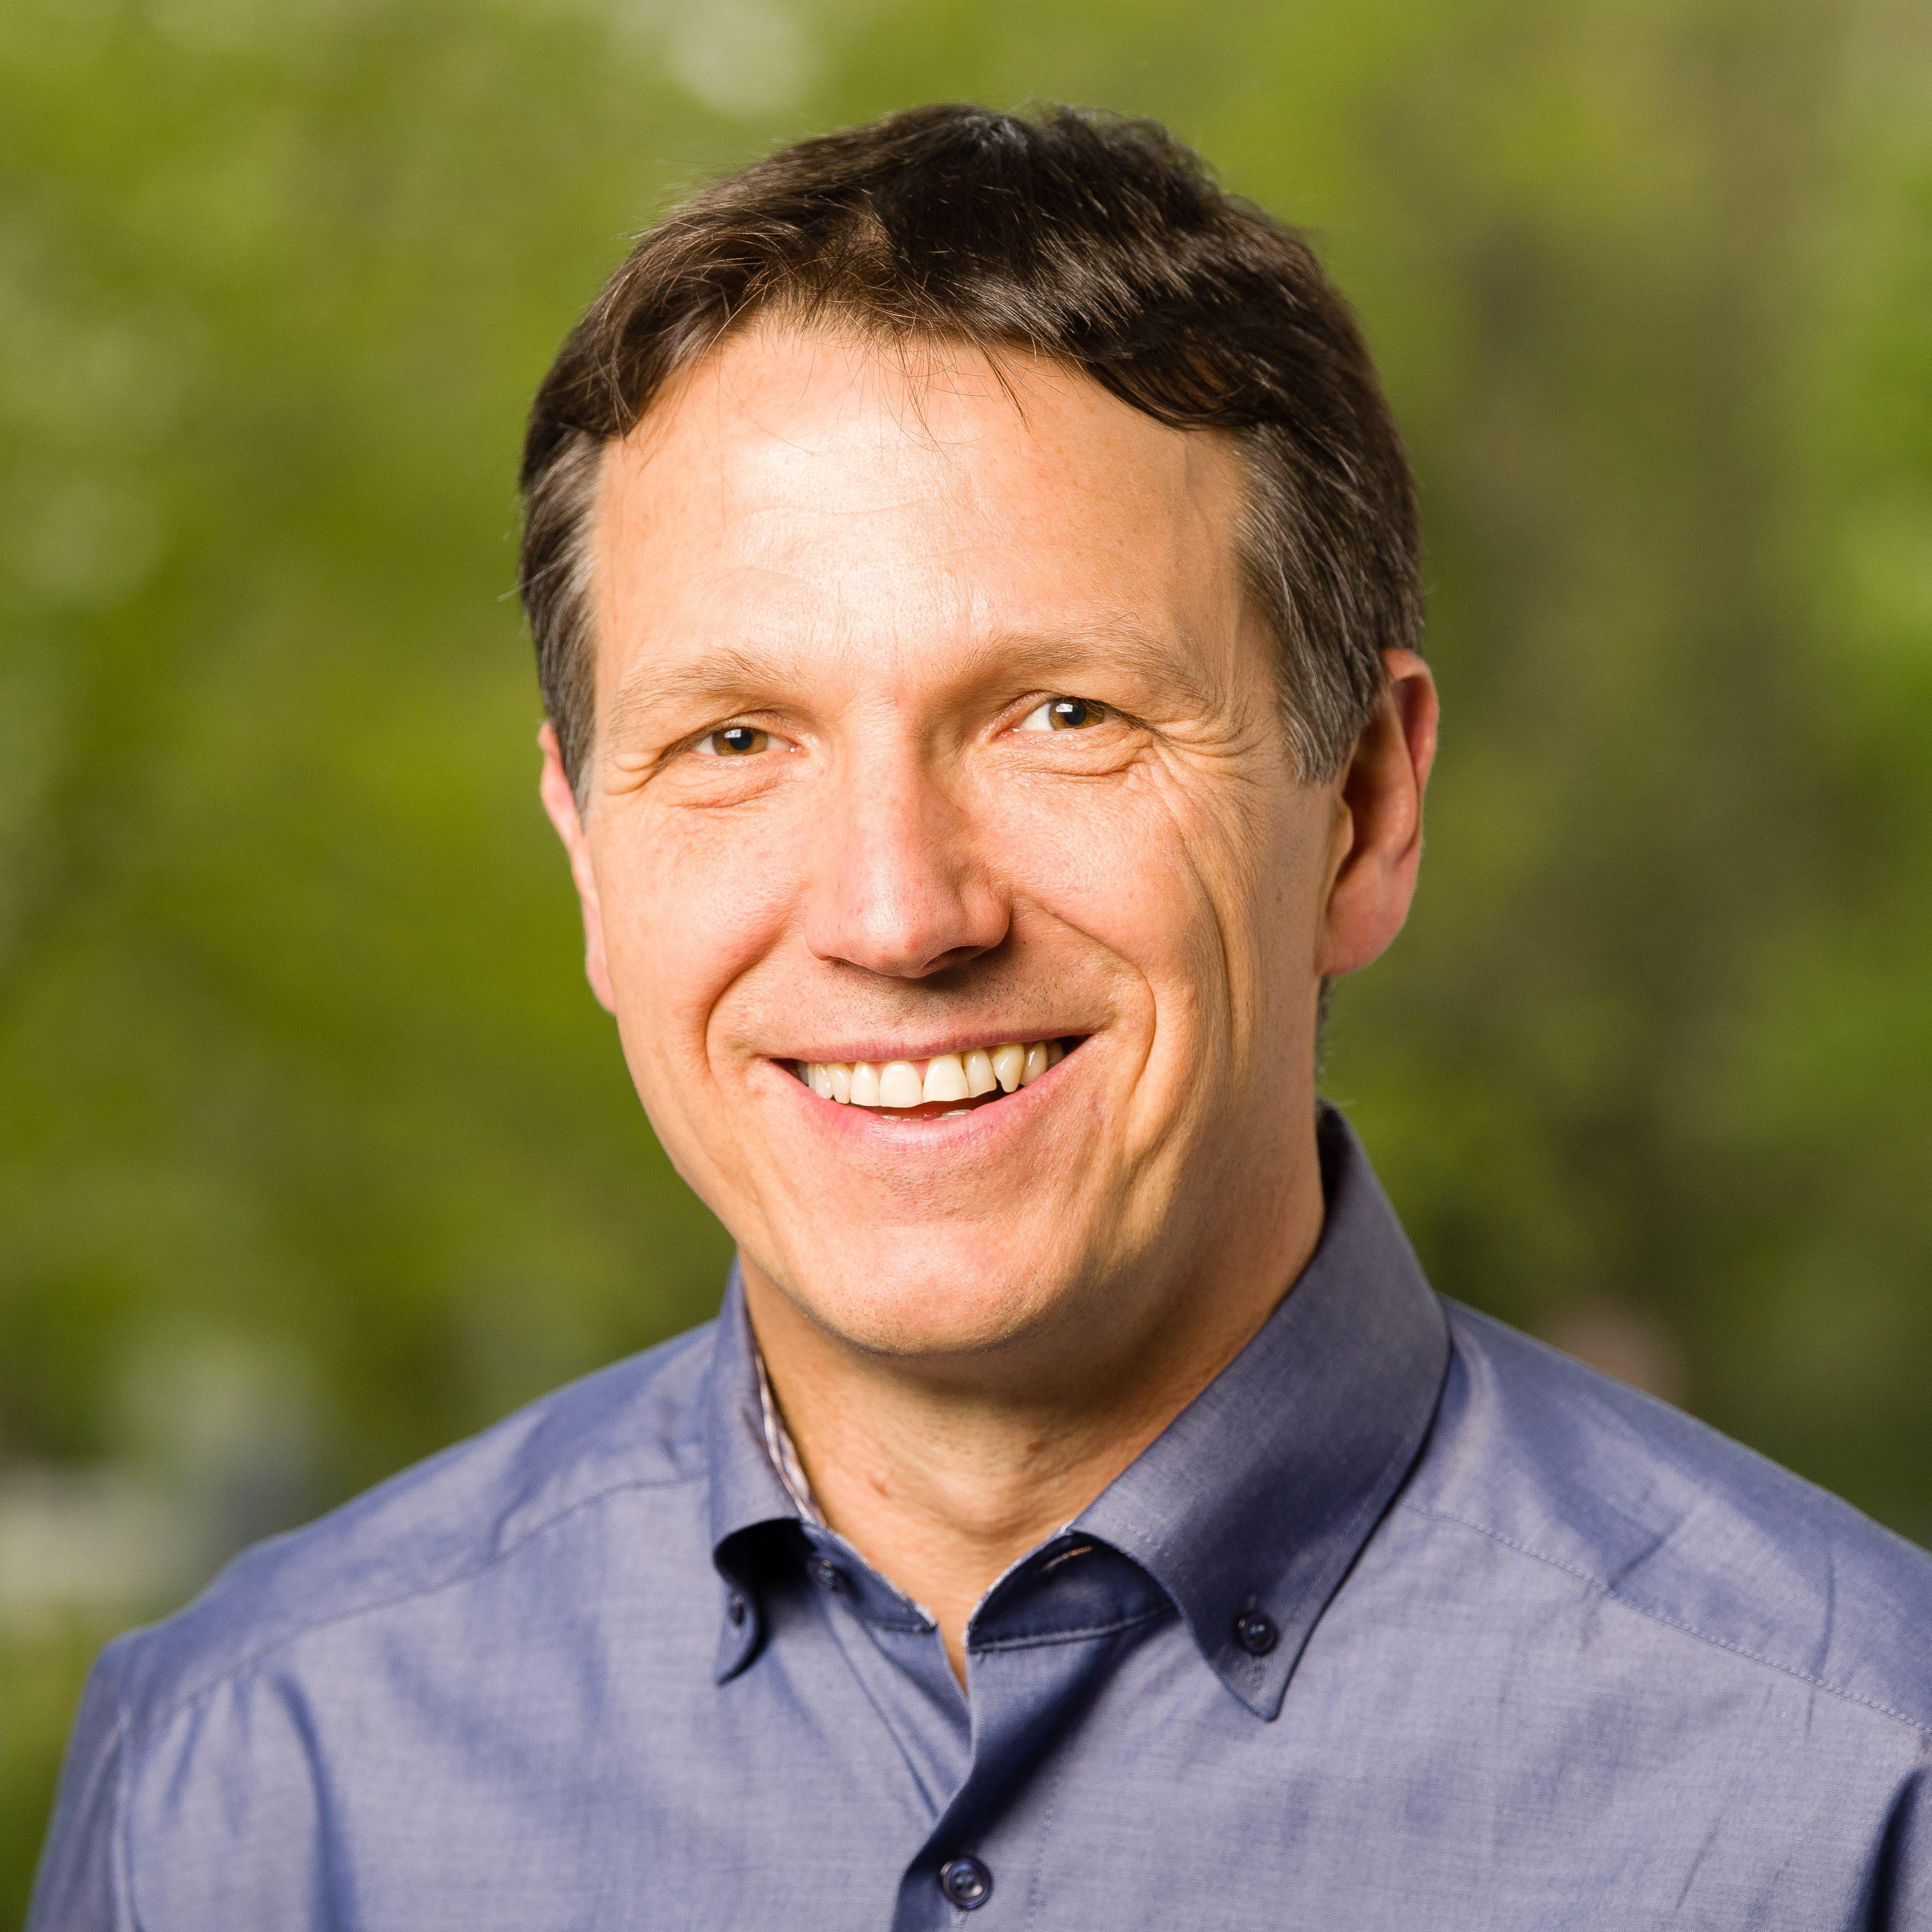 Prof. Dr. rer. pol. Ralph Sonntag